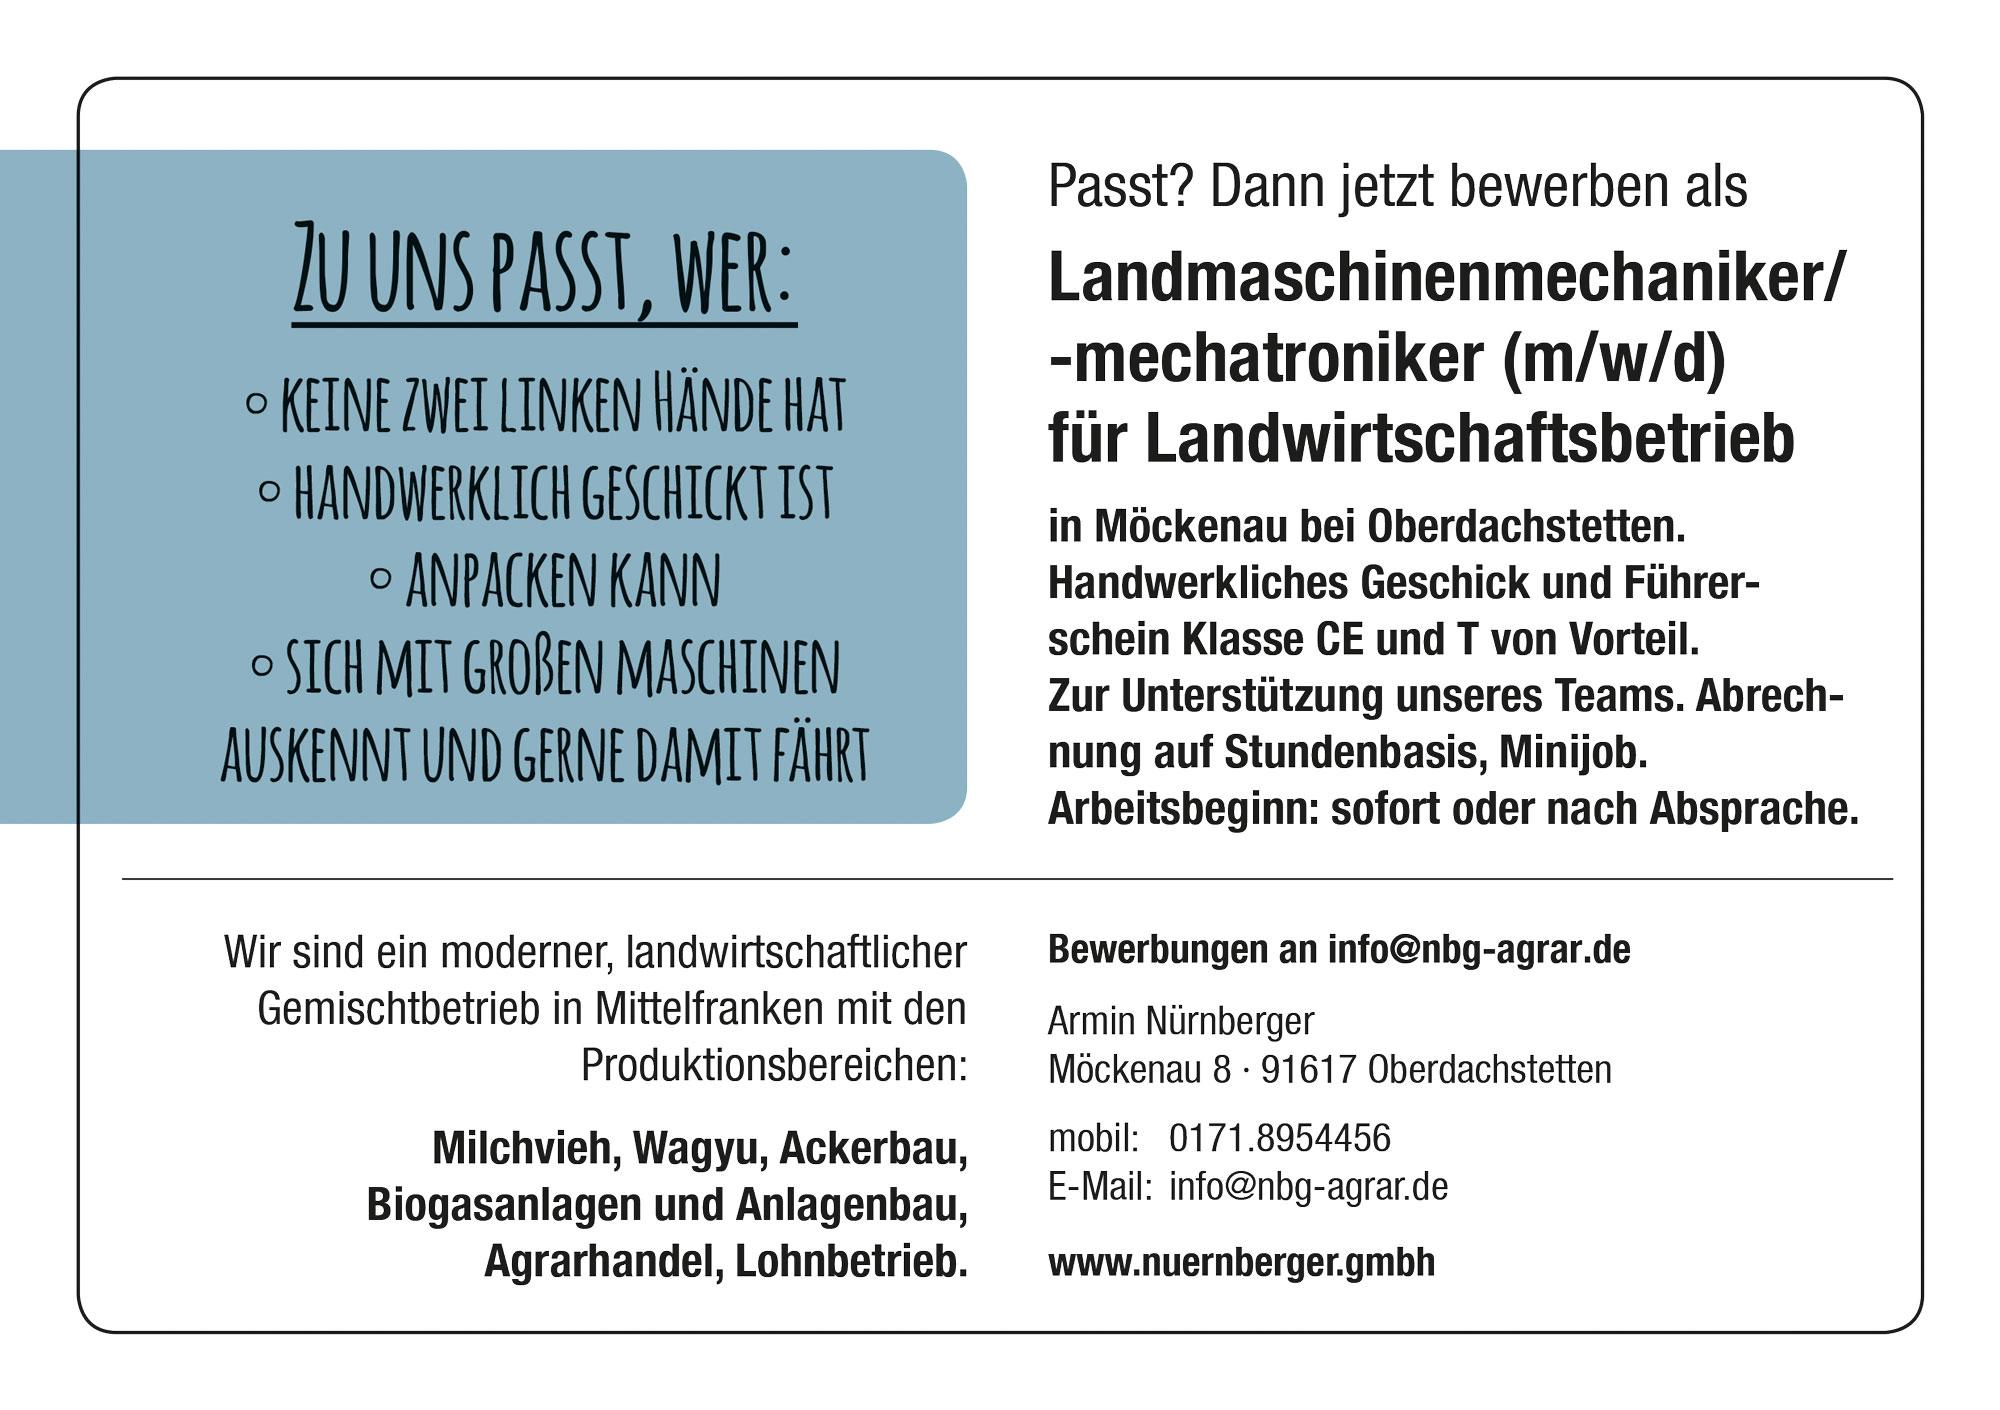 Stellenausschreibung, Ausbildung zum Landwirt bei Armin Nürnberger in Möckenau, Jobs und Karriere